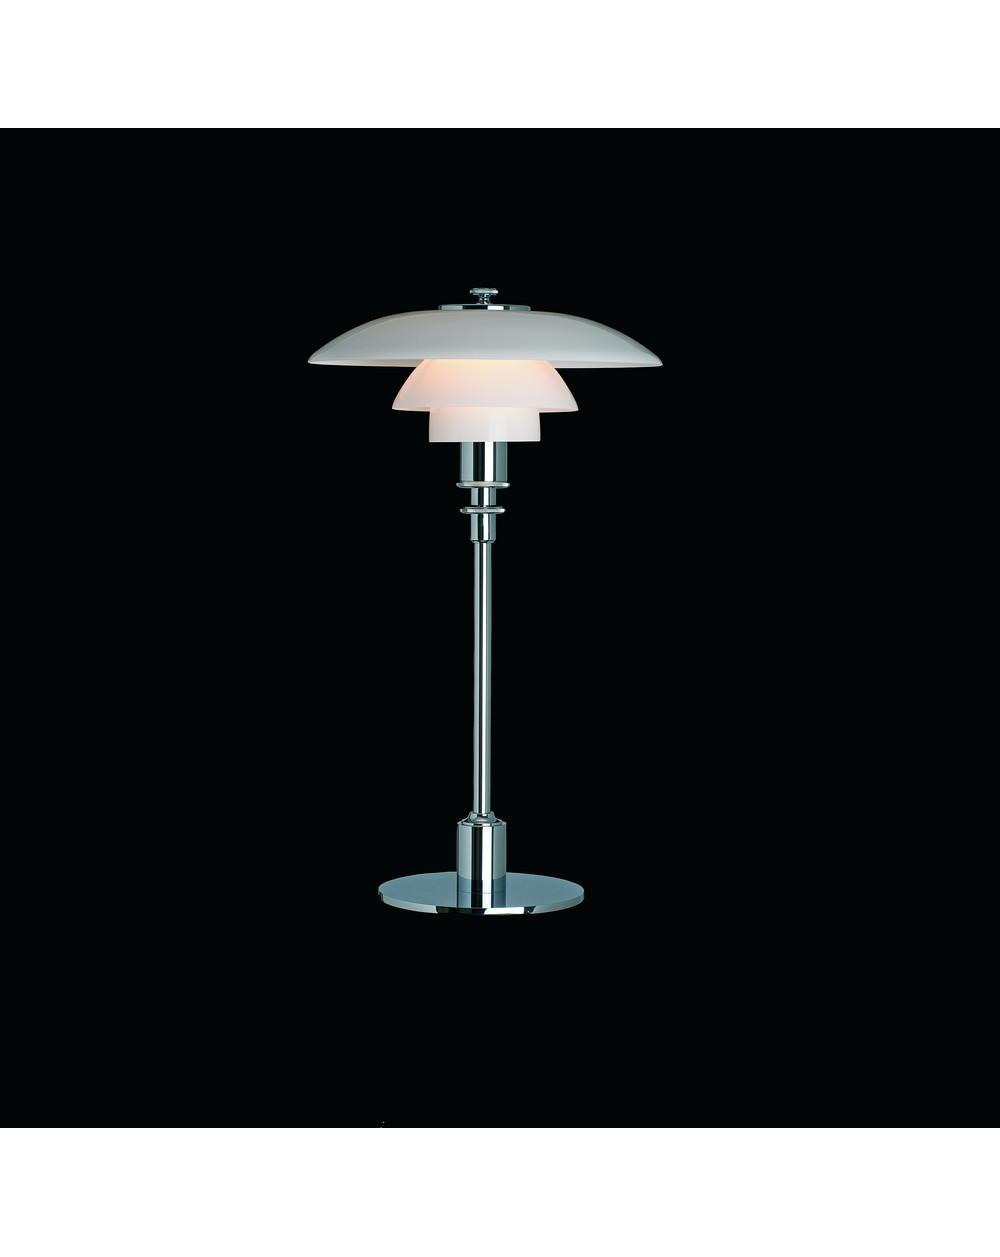 ph2 1 lampe de table design poul henningsen pour louis poulsen la boutique danoise. Black Bedroom Furniture Sets. Home Design Ideas